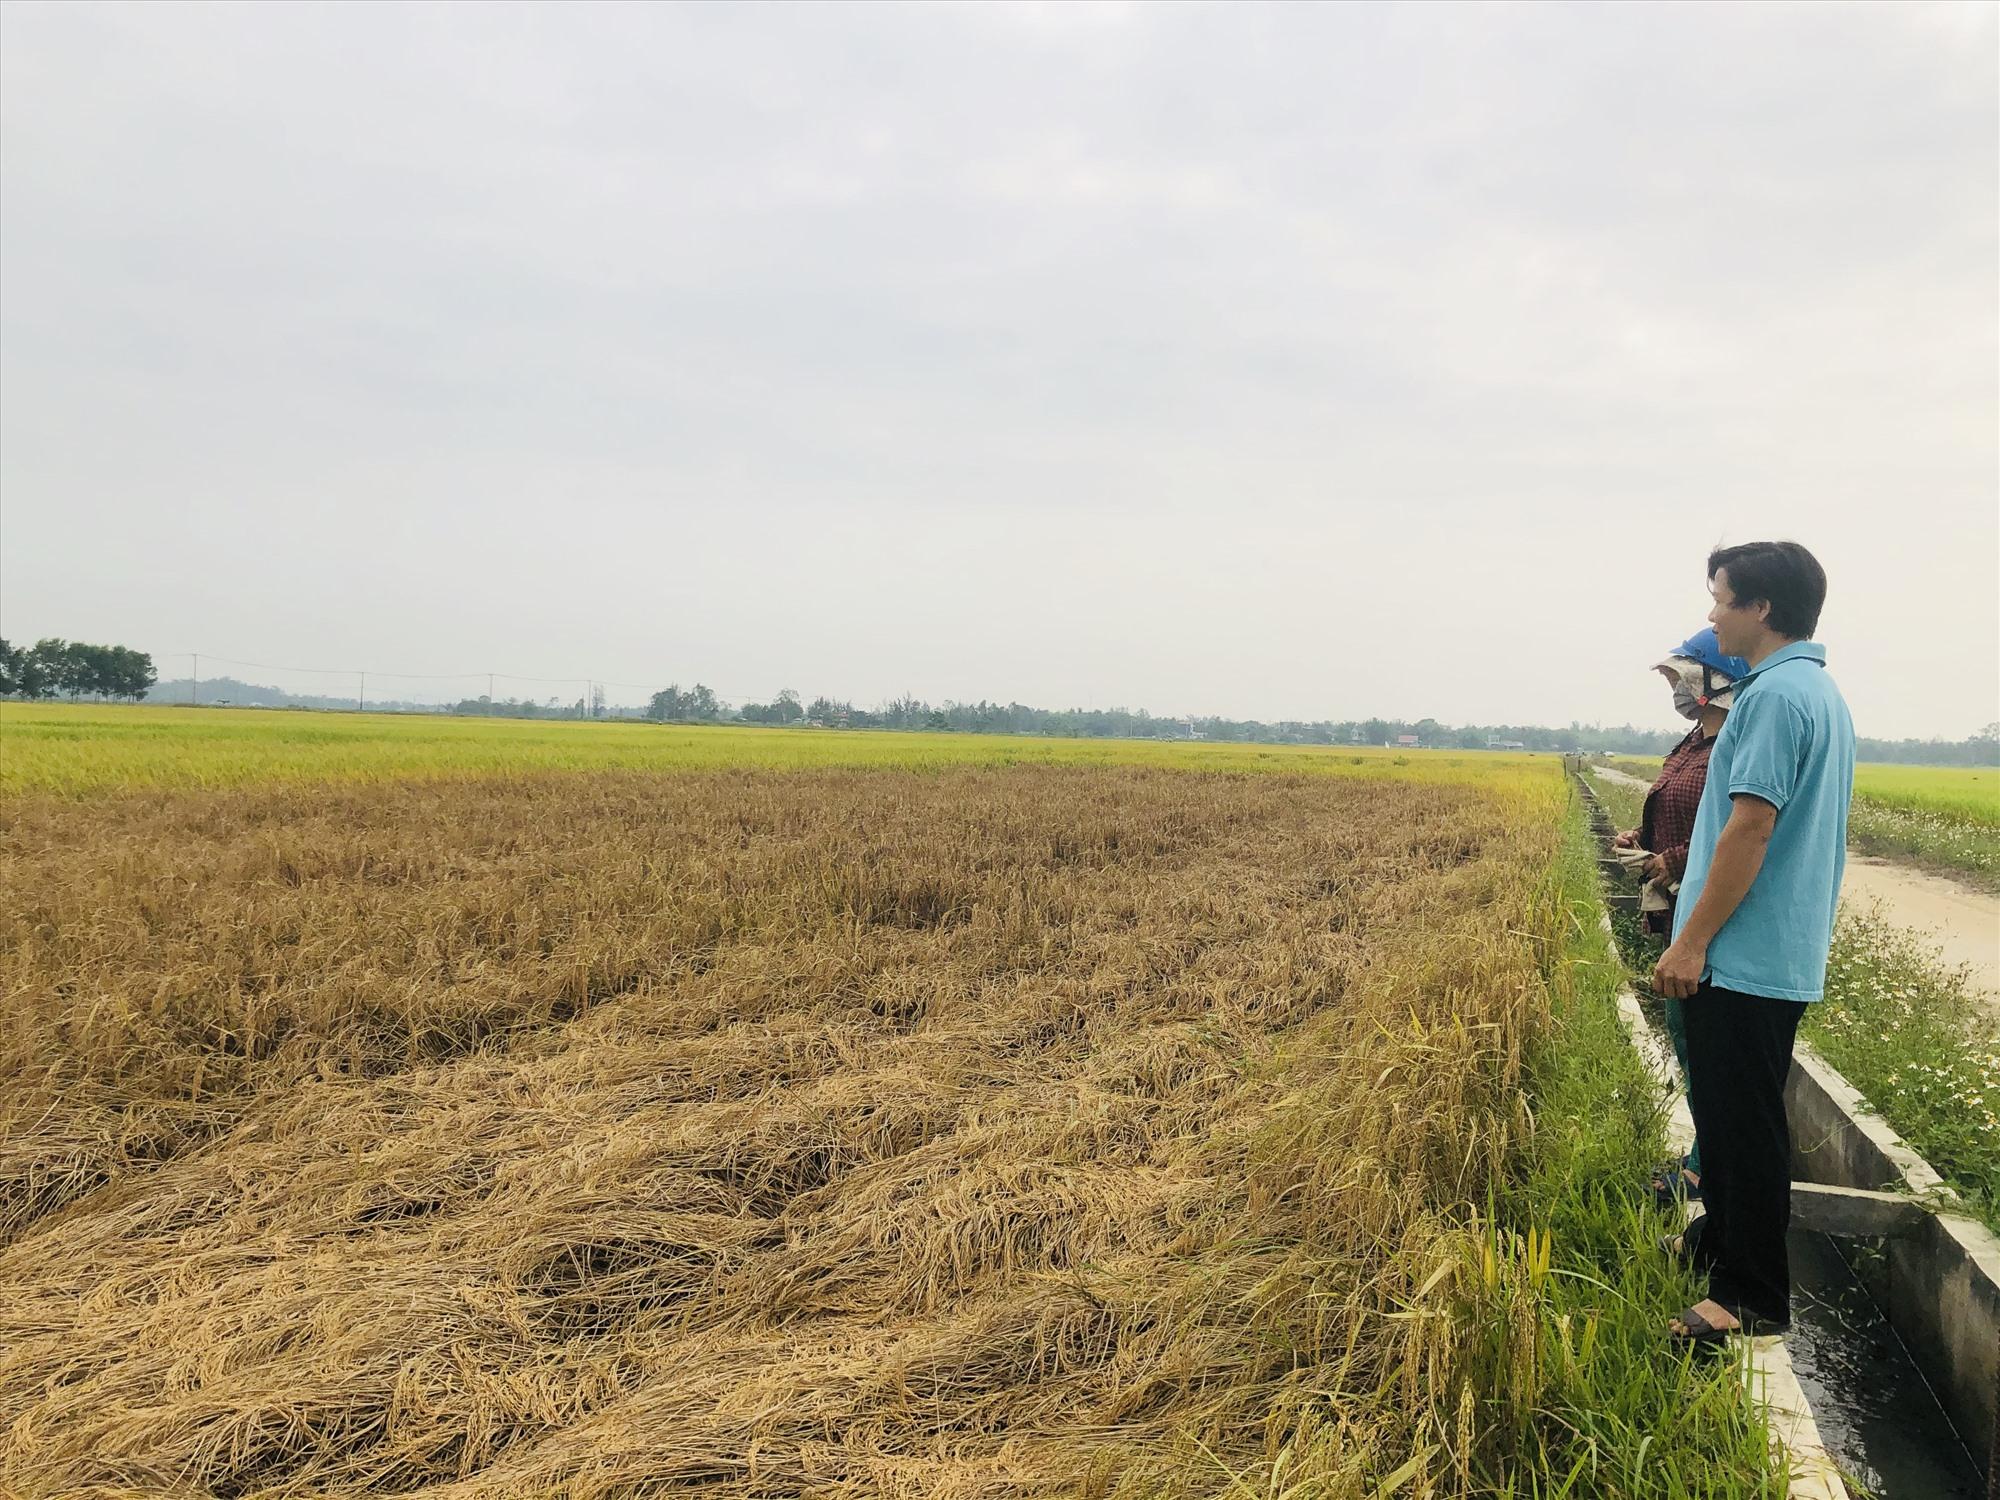 Nhiều diện tích lúa ở Thăng Bình bị rầy gây hại. Ảnh: M.T